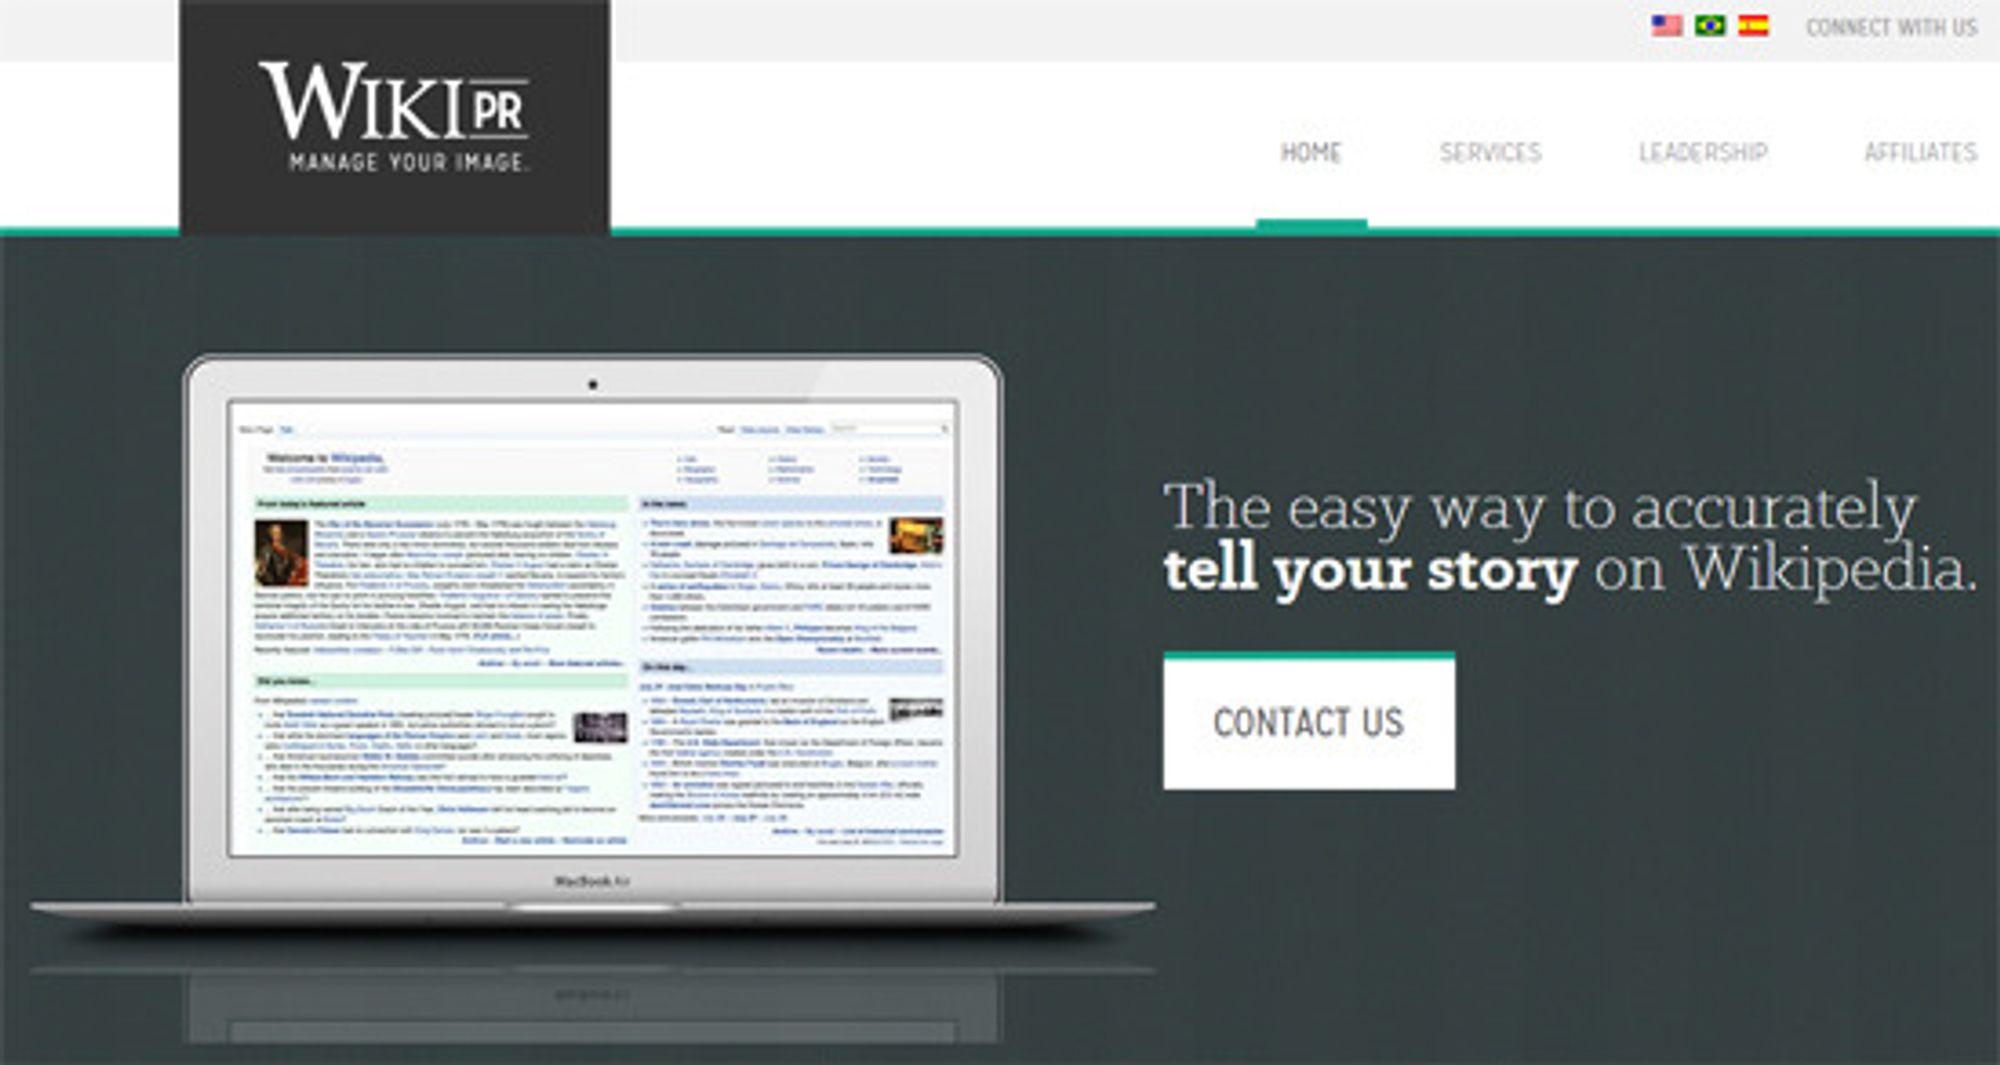 Wiki PR reklamerer åpent for sine tjenester fra sin egen nettside. I artikkelen om Wiki-PR på Wikipedia heter det at selskapets ansatte, kunder og eiere inntil videre er utestengt fra all delaktighet i nettleksikonet.